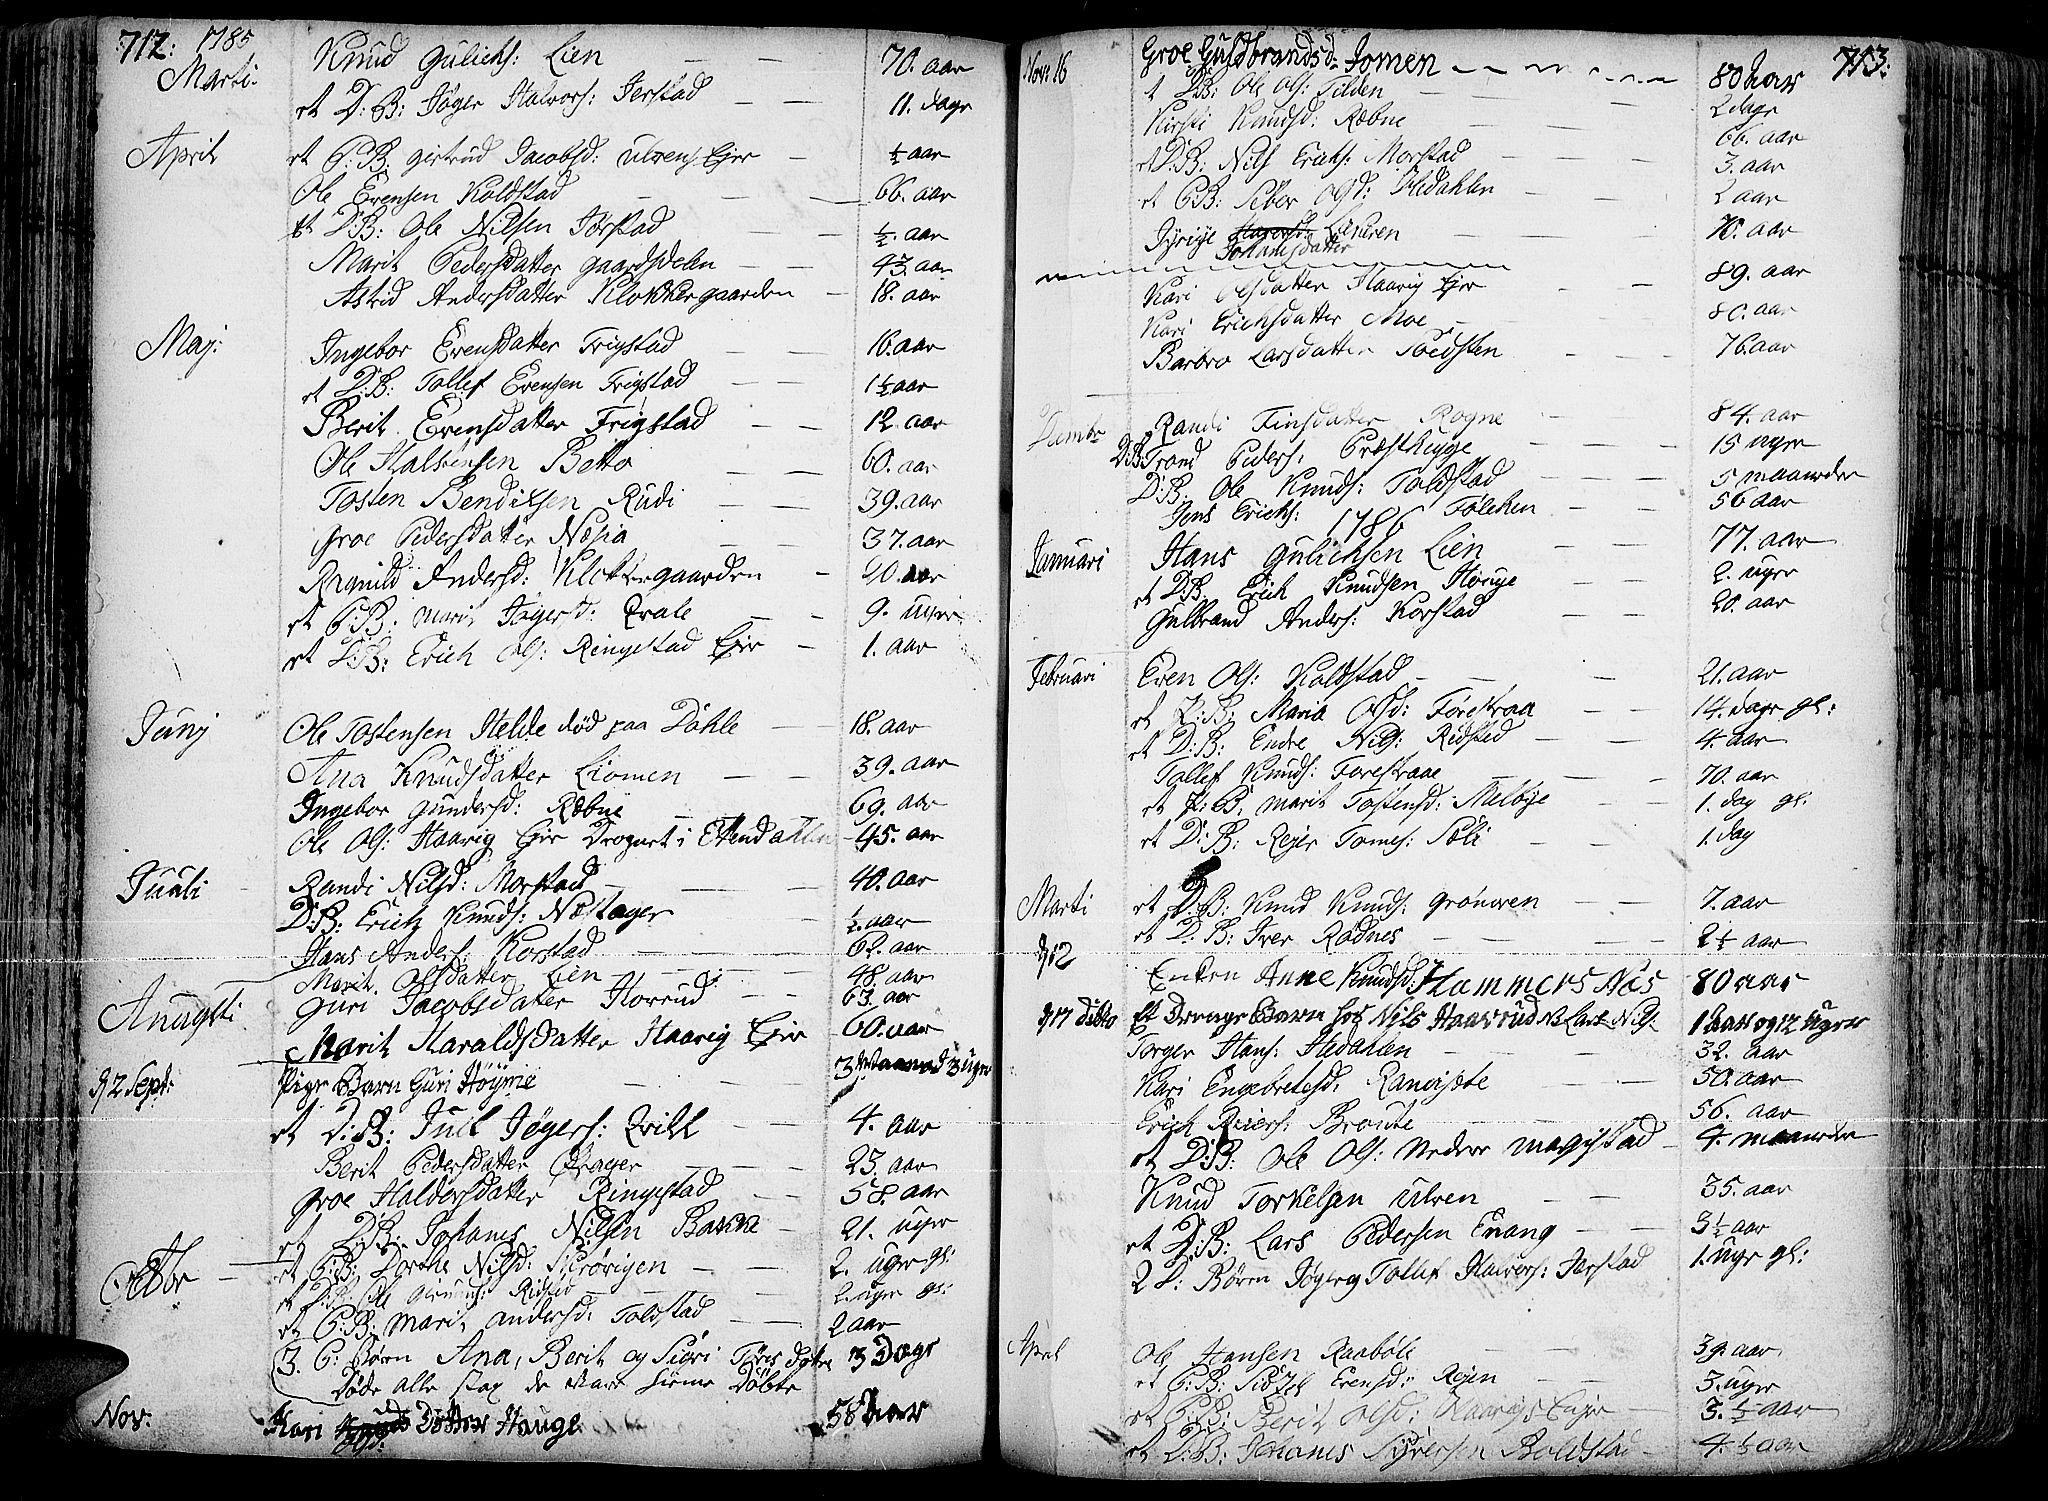 SAH, Slidre prestekontor, Ministerialbok nr. 1, 1724-1814, s. 712-713